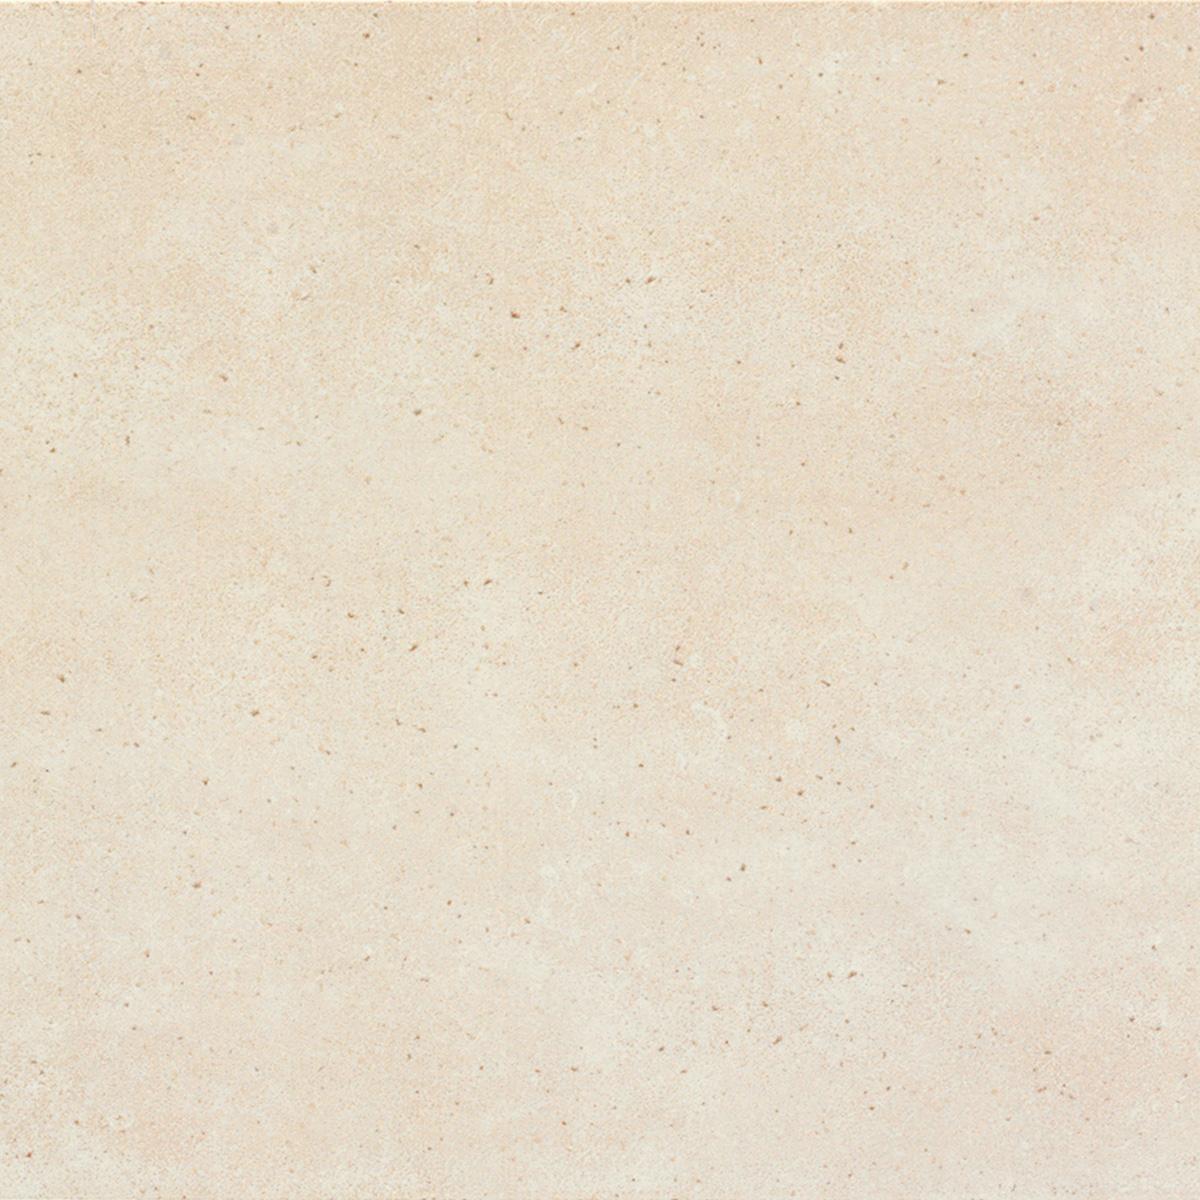 Gresie glazurata SIDNEY - Beige 45x45 GALA - Poza 10